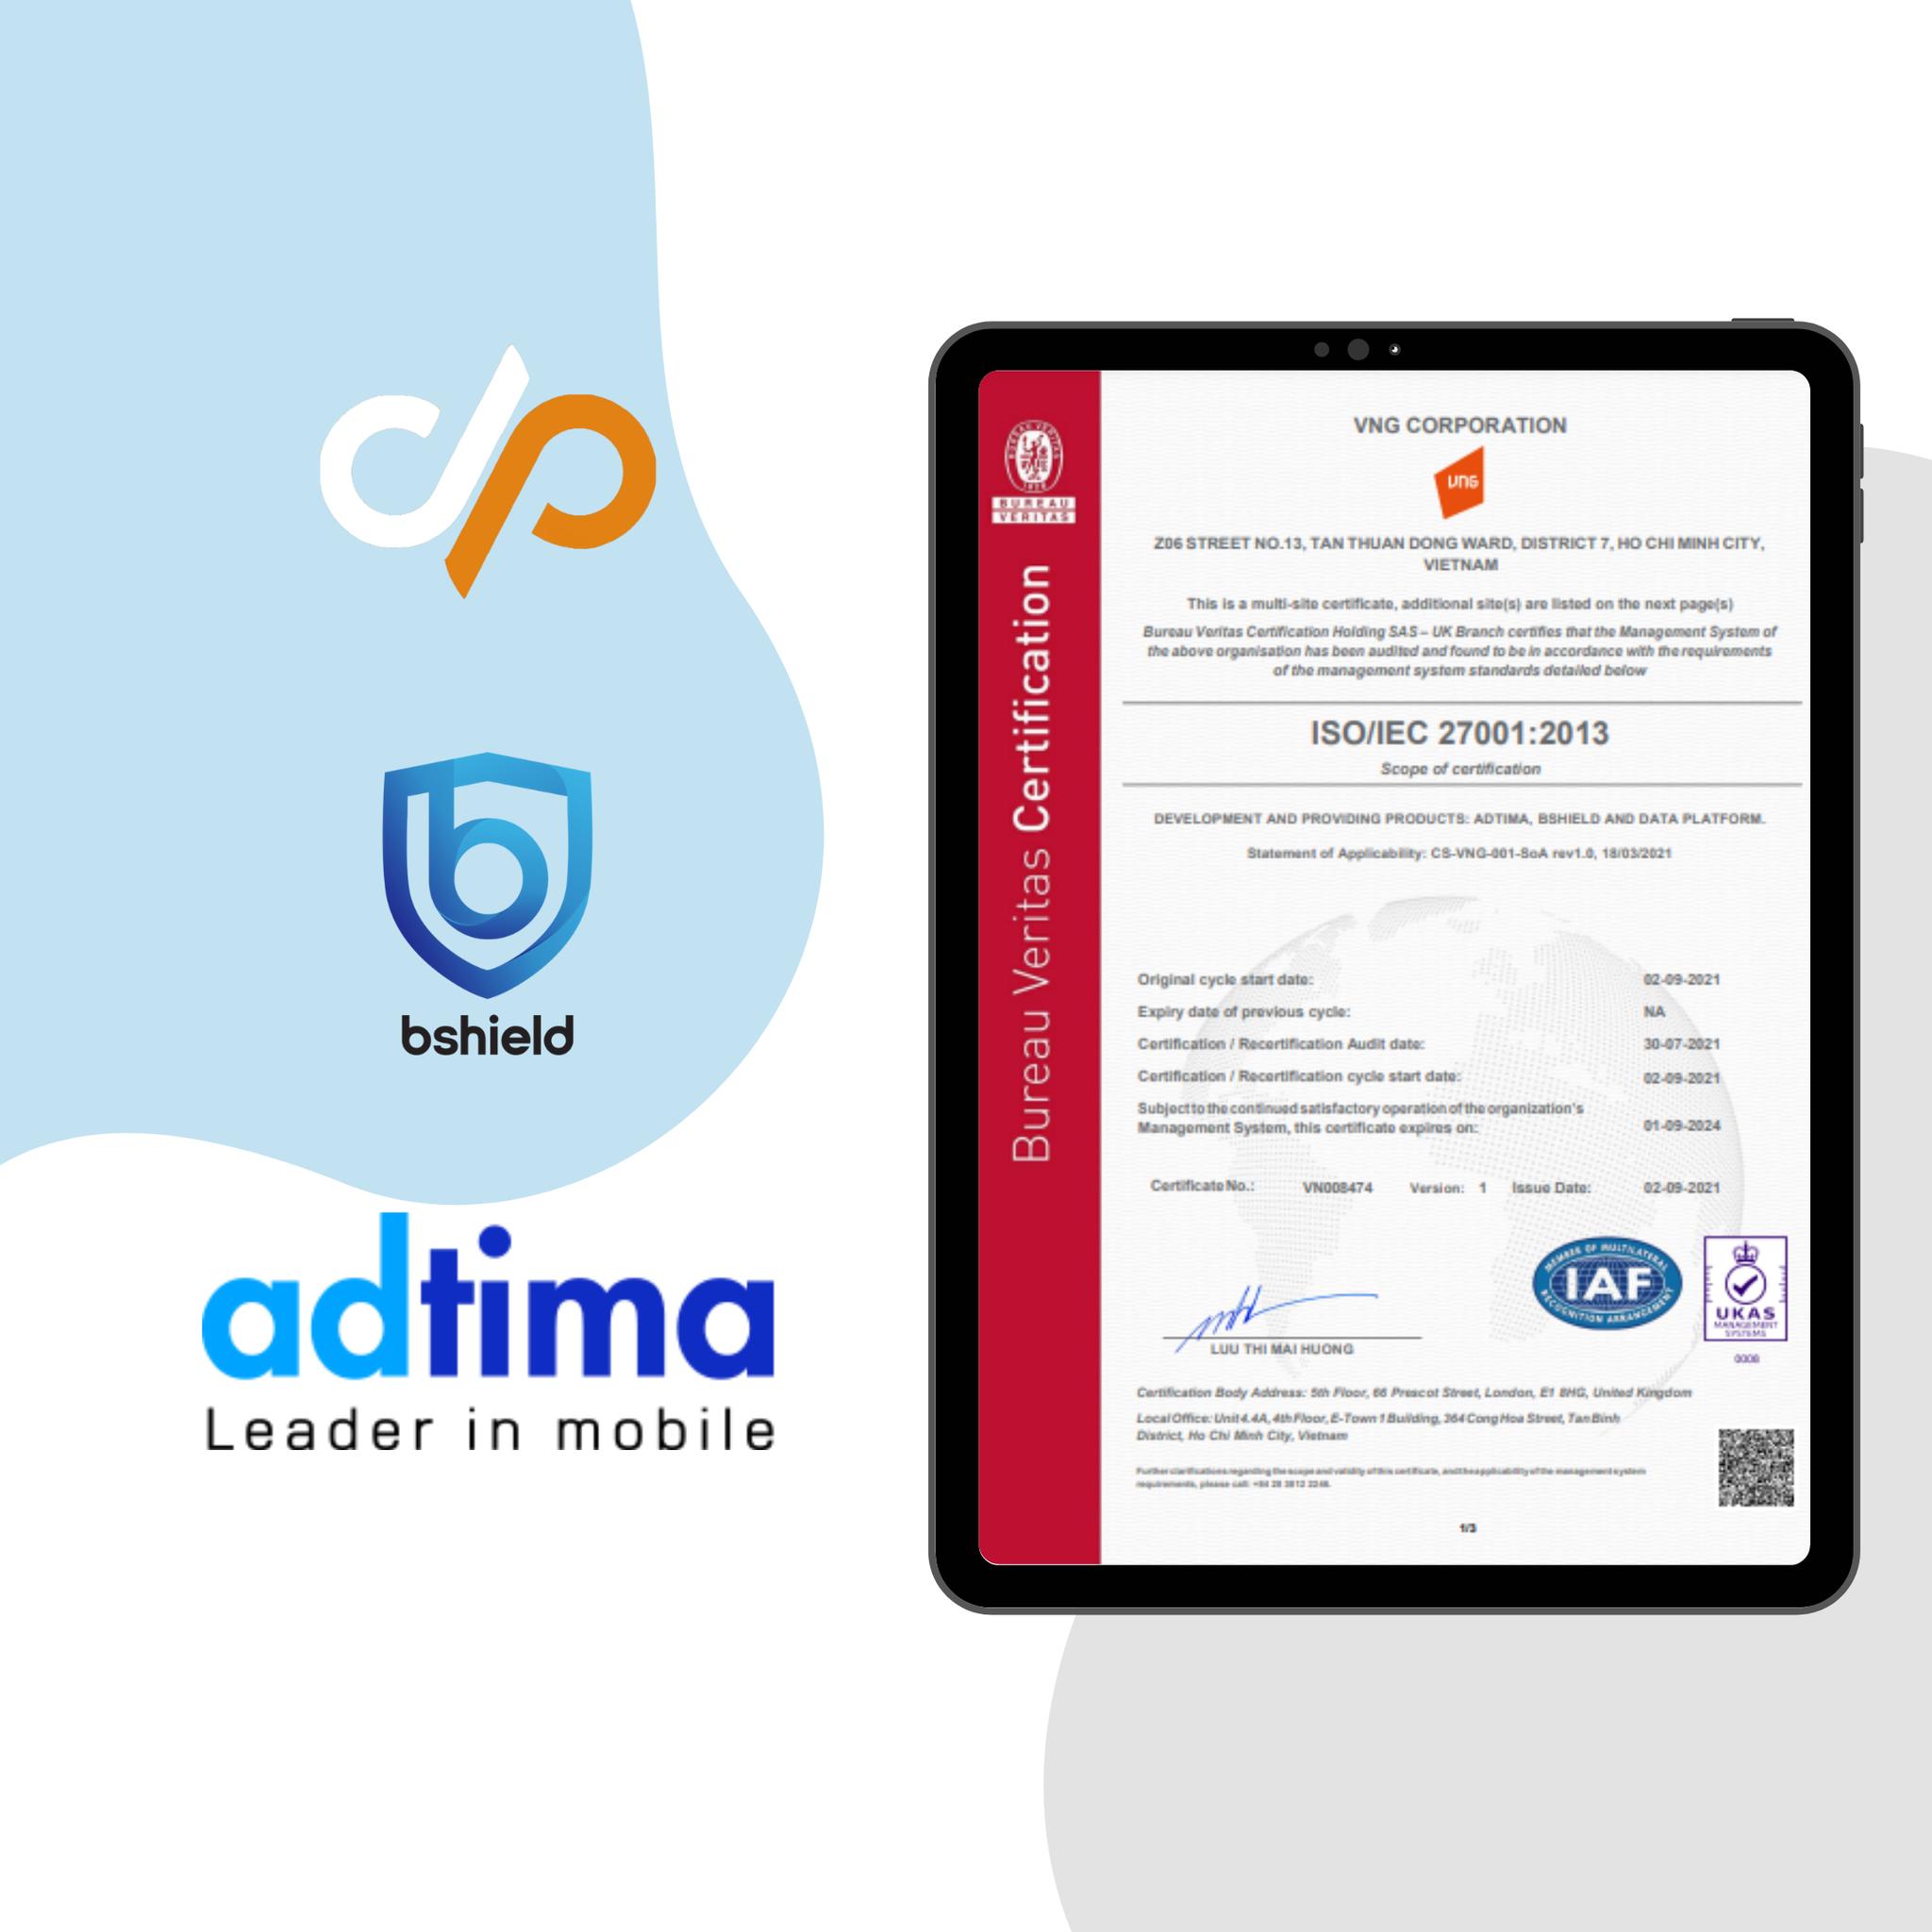 Phạm vi chứng chỉ ISO27001 của VNG bao trùm loạt sản phẩm: Adtima, Bshield và Data Platform